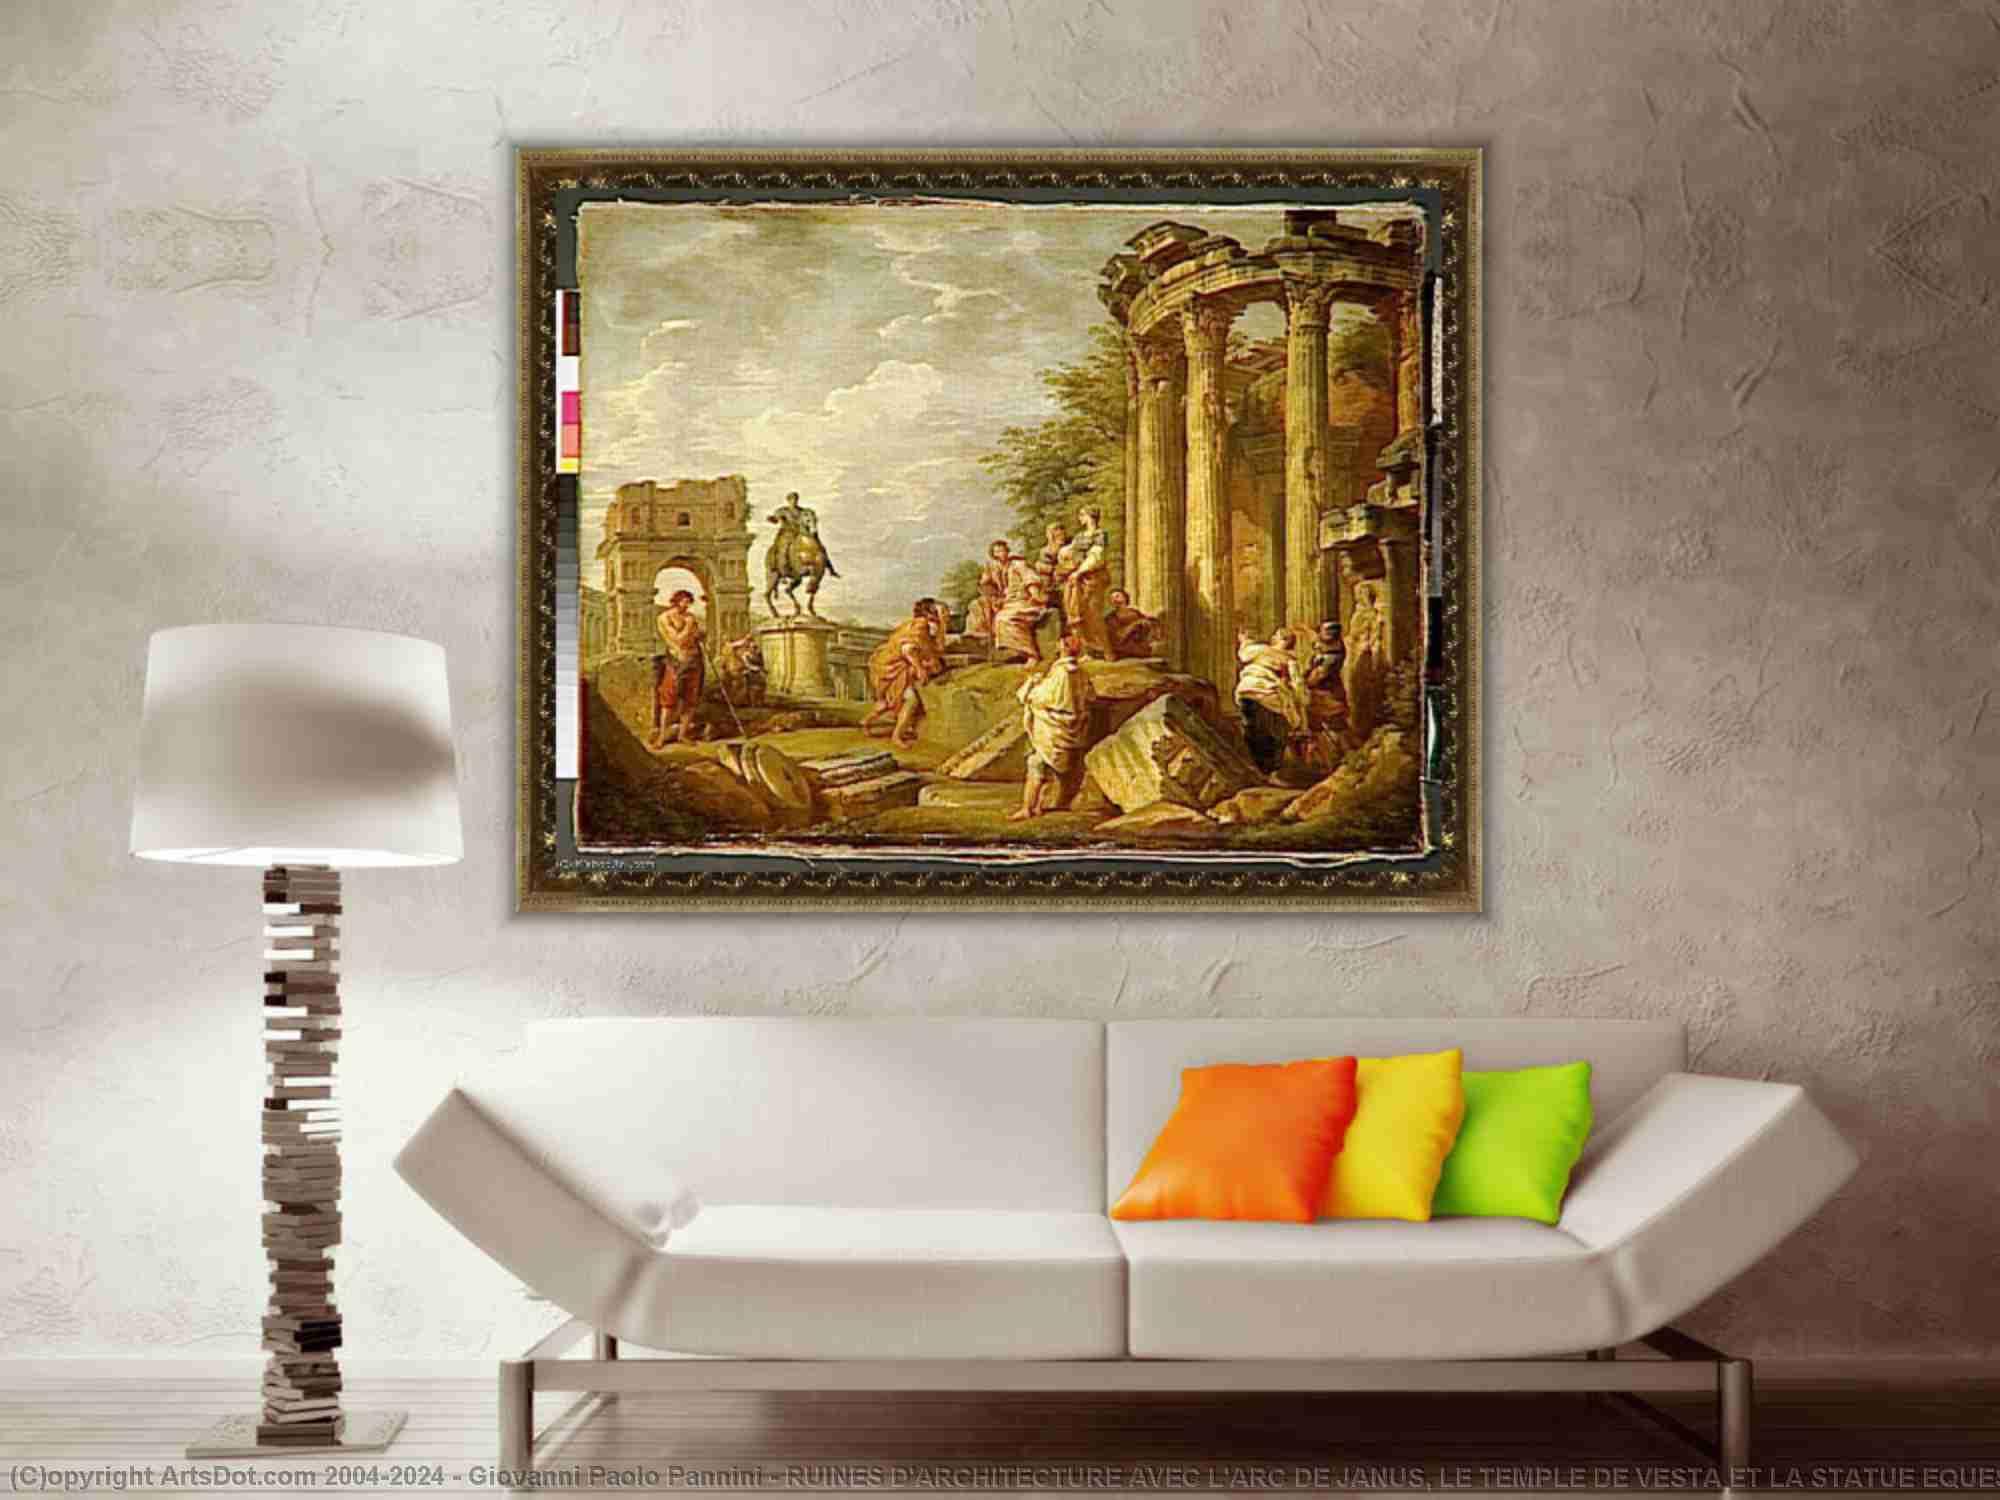 Giovanni Paolo Pannini - RUINES D-ARCHITECTURE AVEC L-ARC DE JANUS, LE TEMPLE DE VESTA ET LA STATUE EQUESTRE DE MARC AURELE